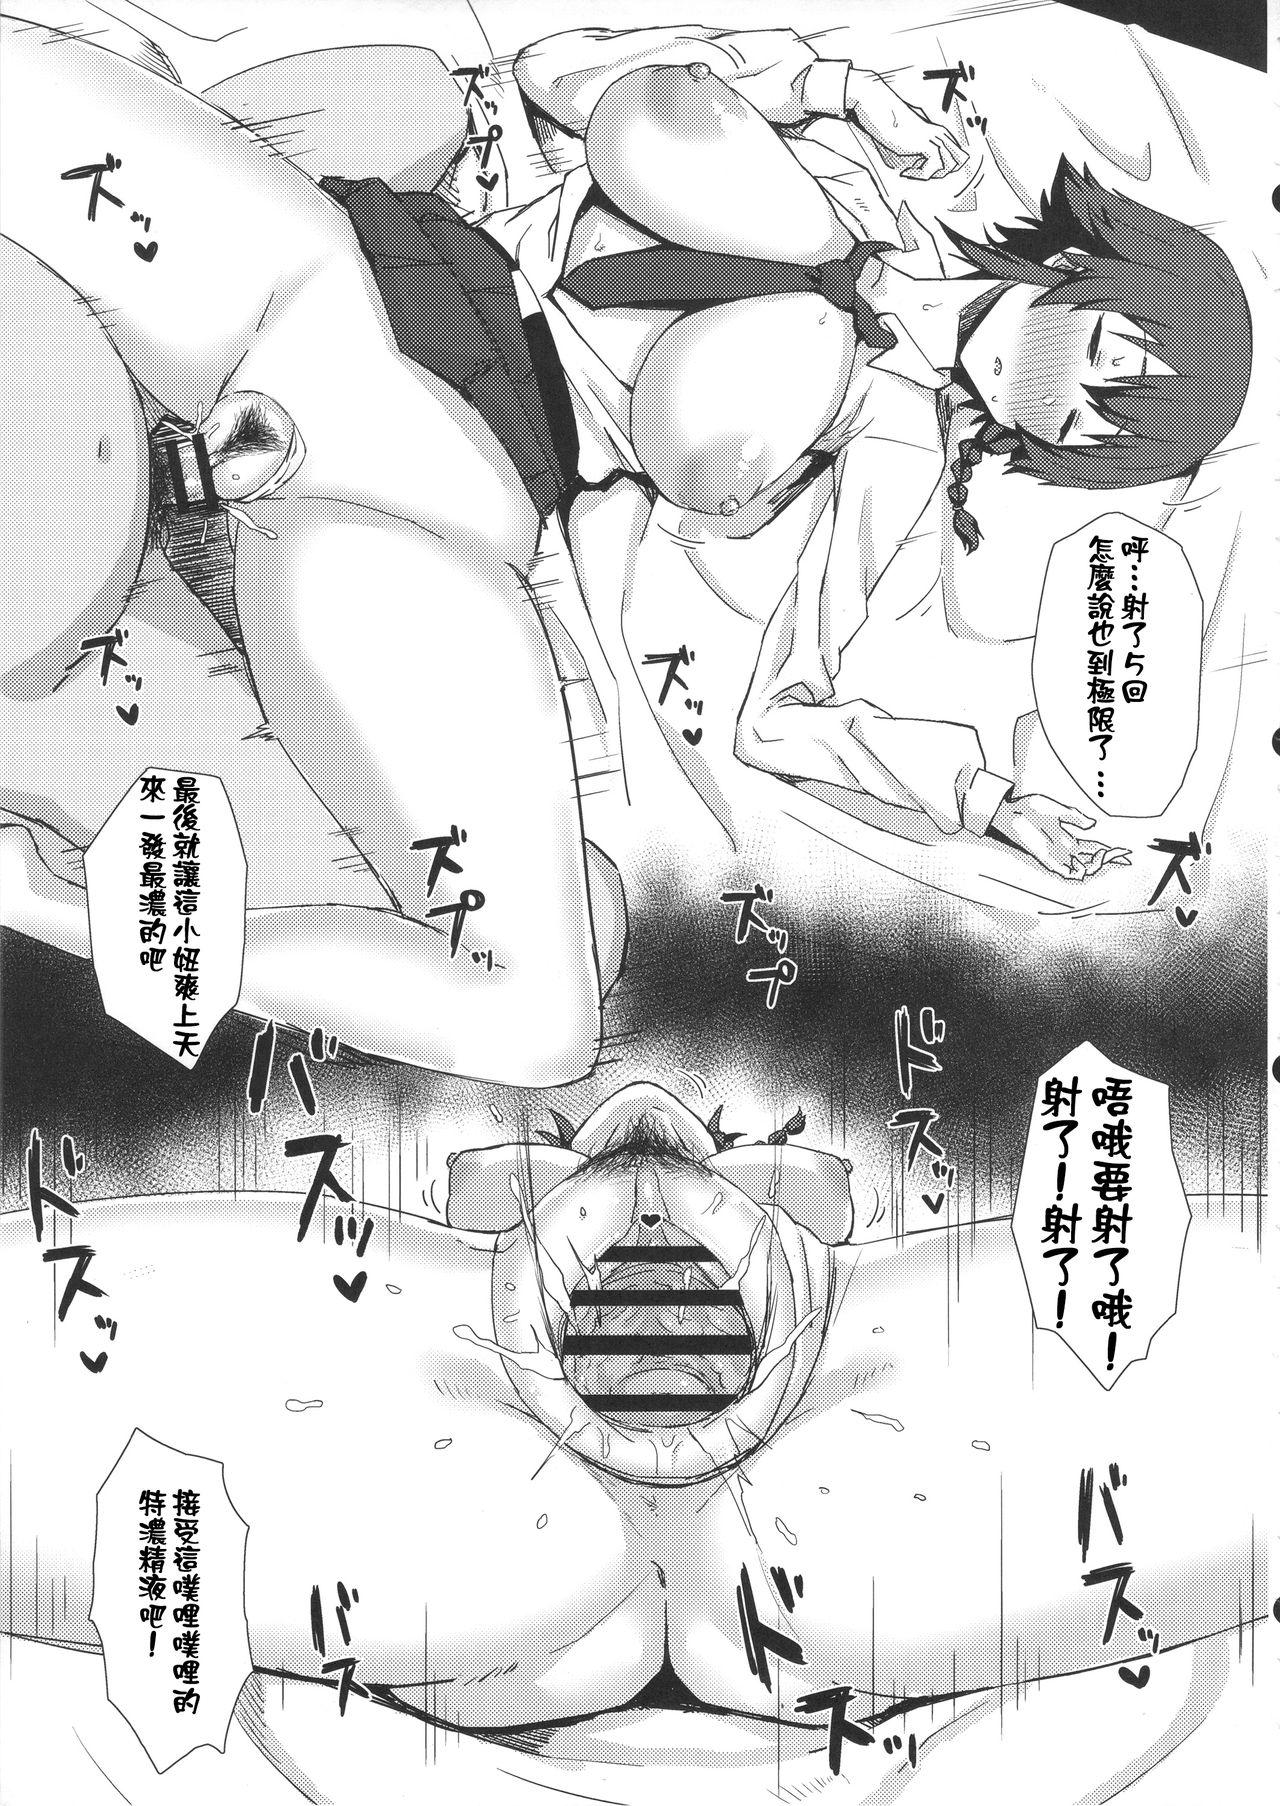 Otoko o Shitta Sensha Musume Ni 8